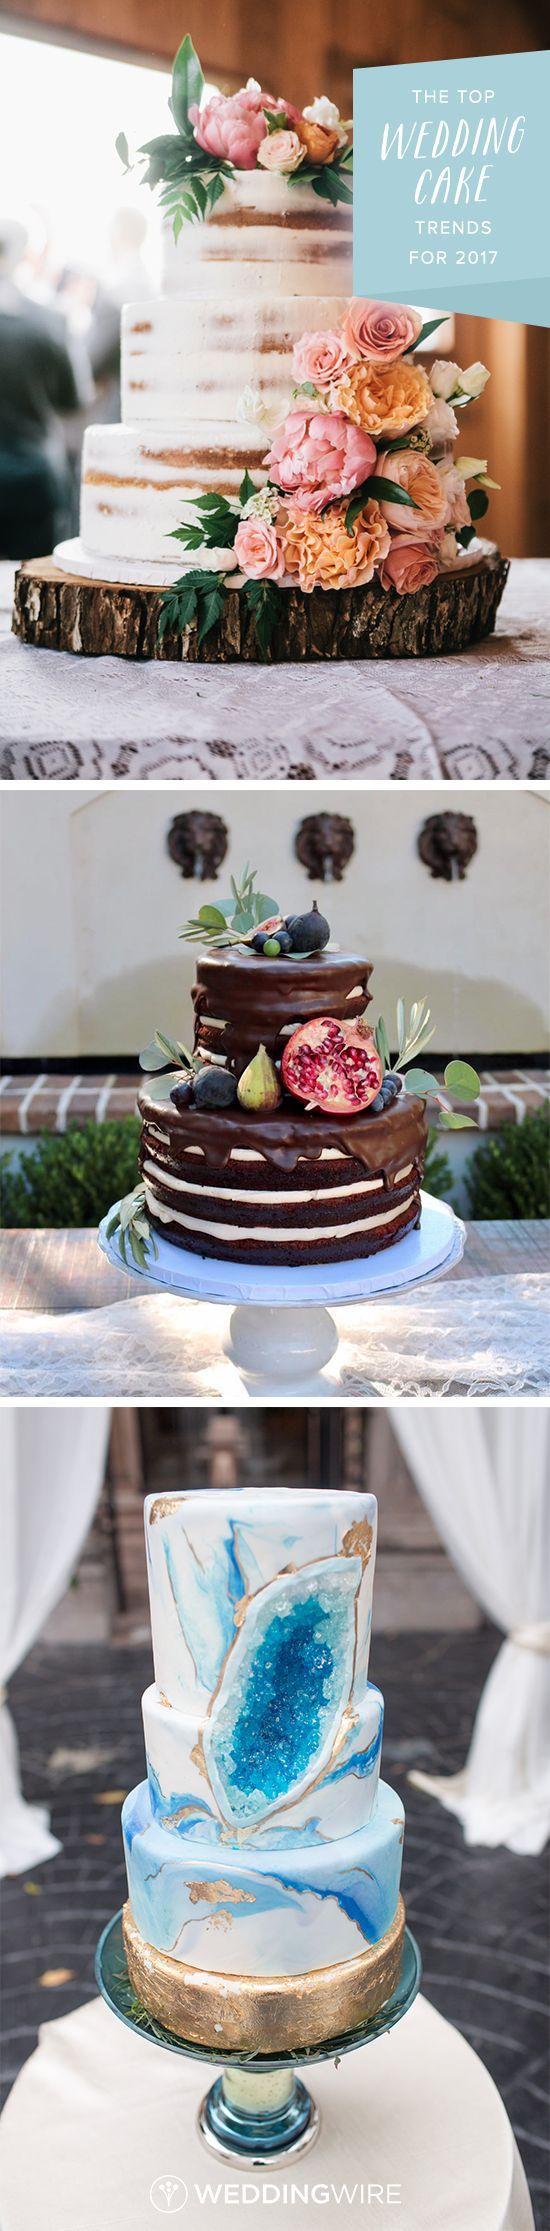 Modèle et Tendances pièce montée 2017   Image    Description   Les dernières tendances du gâteau de mariage pour 2017 - Des gâteaux semi-nus pour goutte à goutte, obtenez un pic de ces délicieux gâteries de mariage Sur WeddingWire!